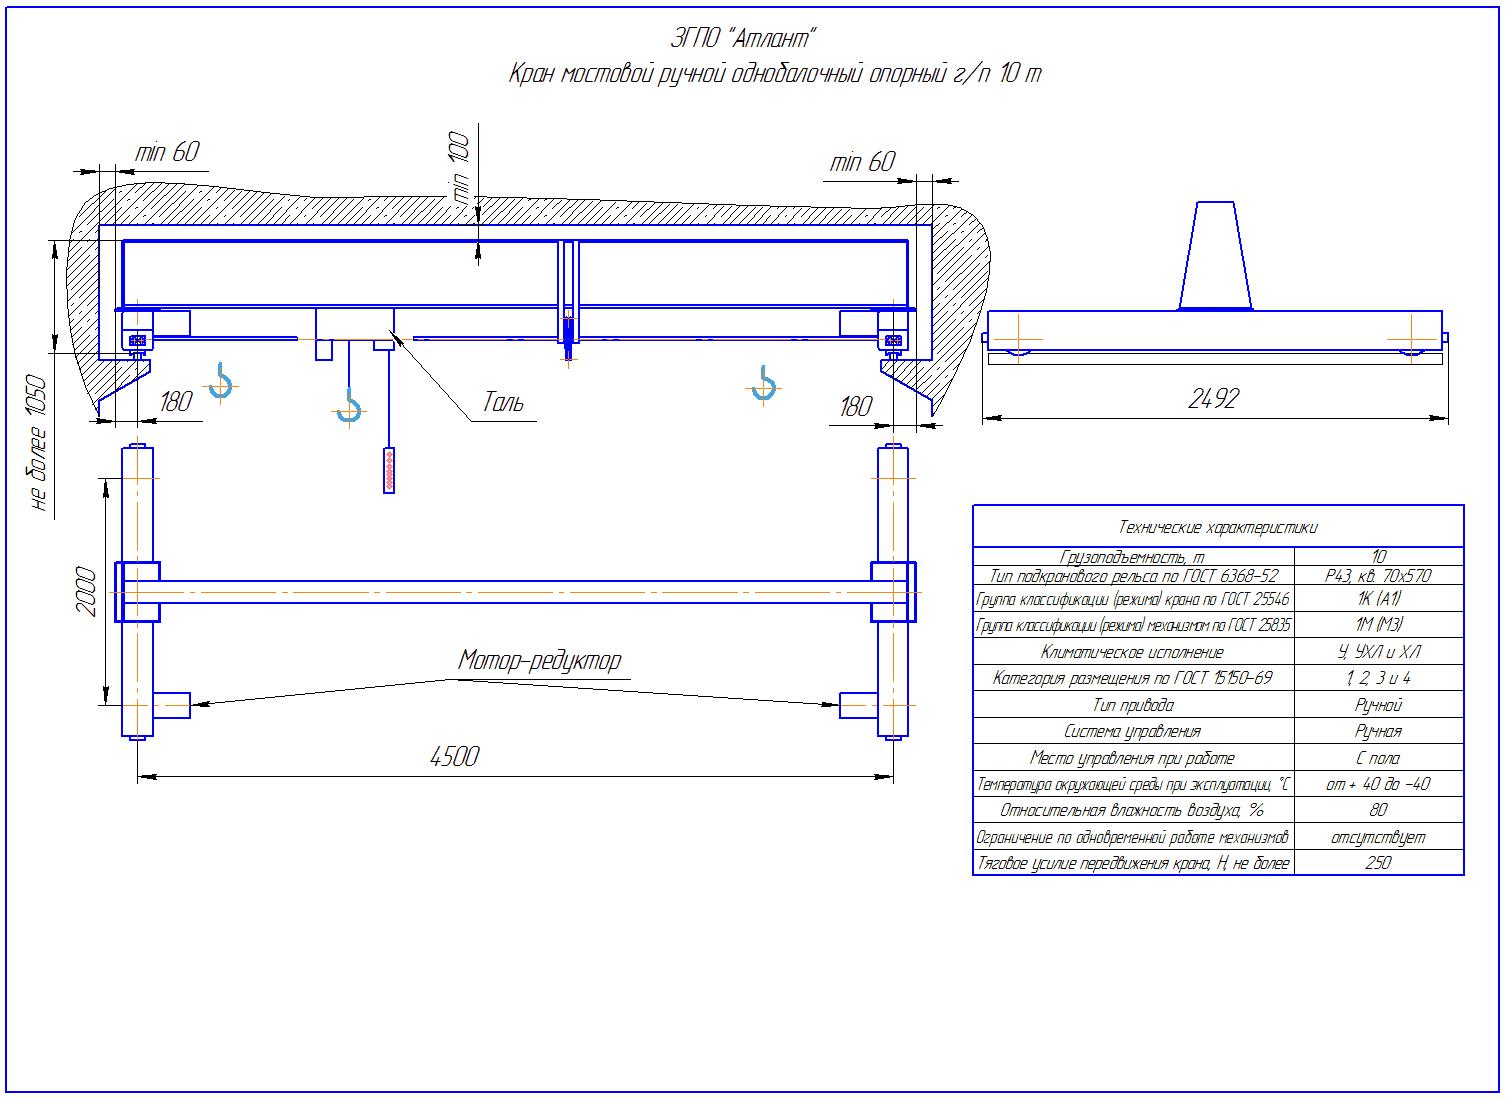 KRMOO 10 45 - Кран ручной мостовой опорный однобалочный